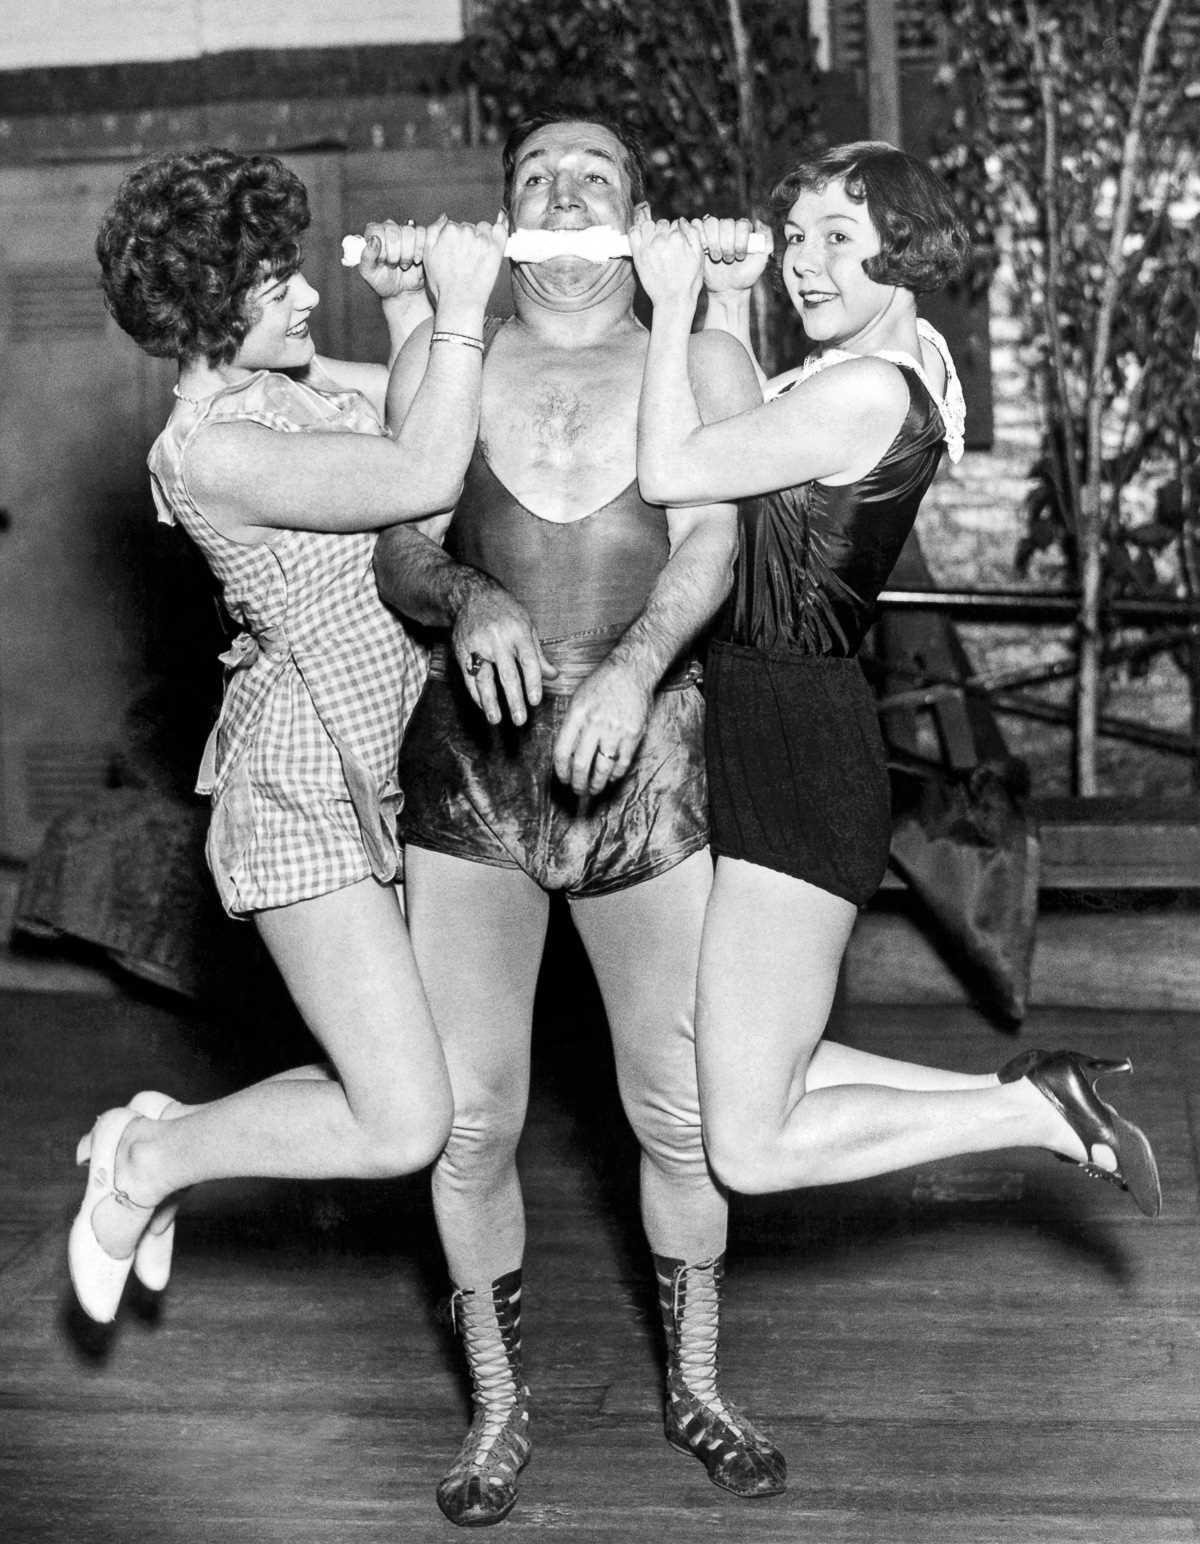 лучше использовать фото циркачей прошлого века идеале для оформления